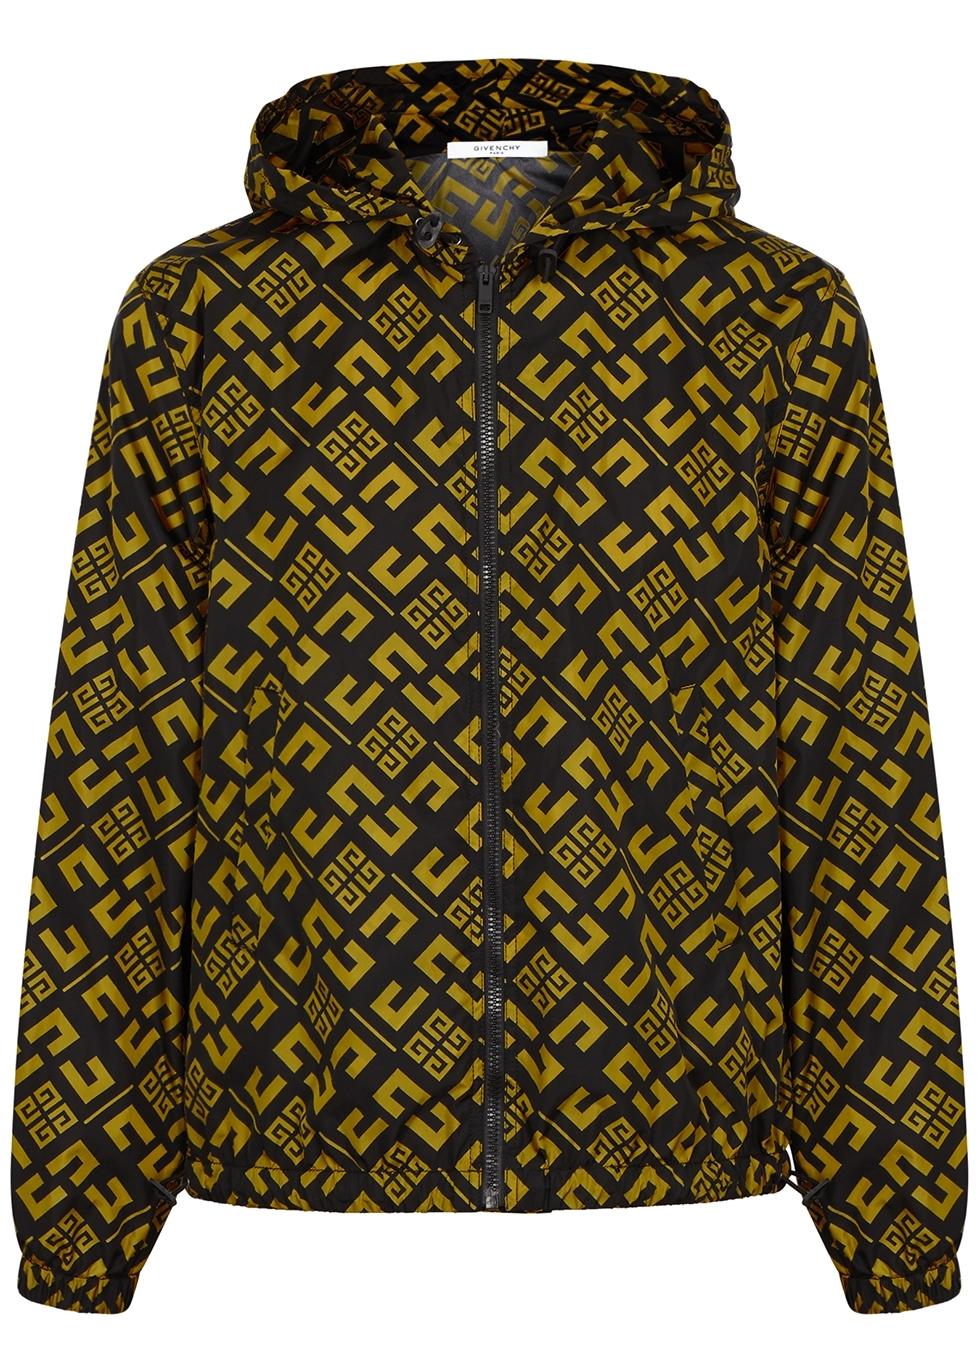 4b7a25d06d08 Givenchy - Mens - Harvey Nichols